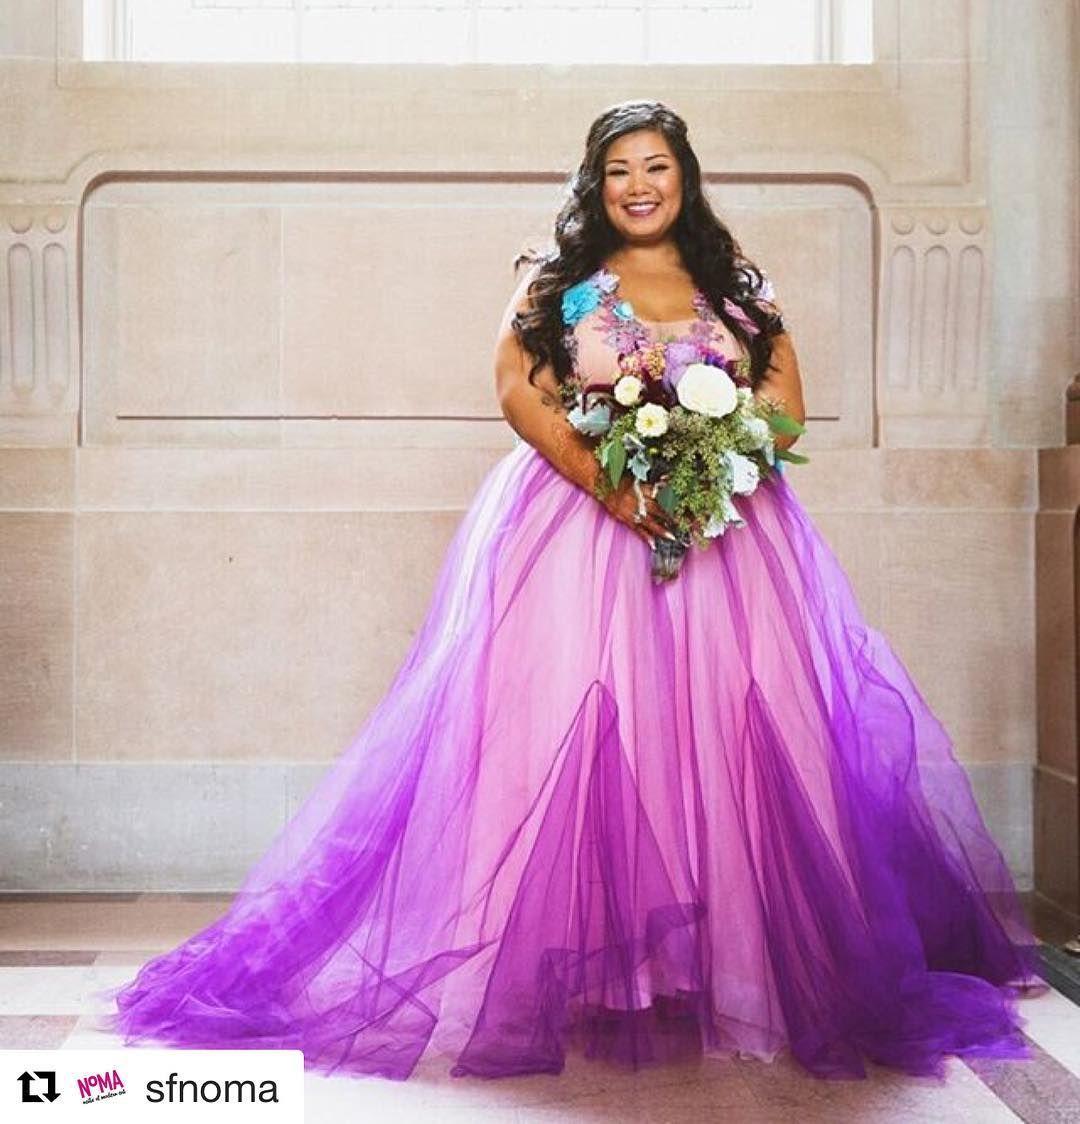 Plus Size Bride Chotronette Alternative Wedding Gowns Alternative Wedding Gown Beautiful Gowns Playing Dress Up [ 1124 x 1080 Pixel ]